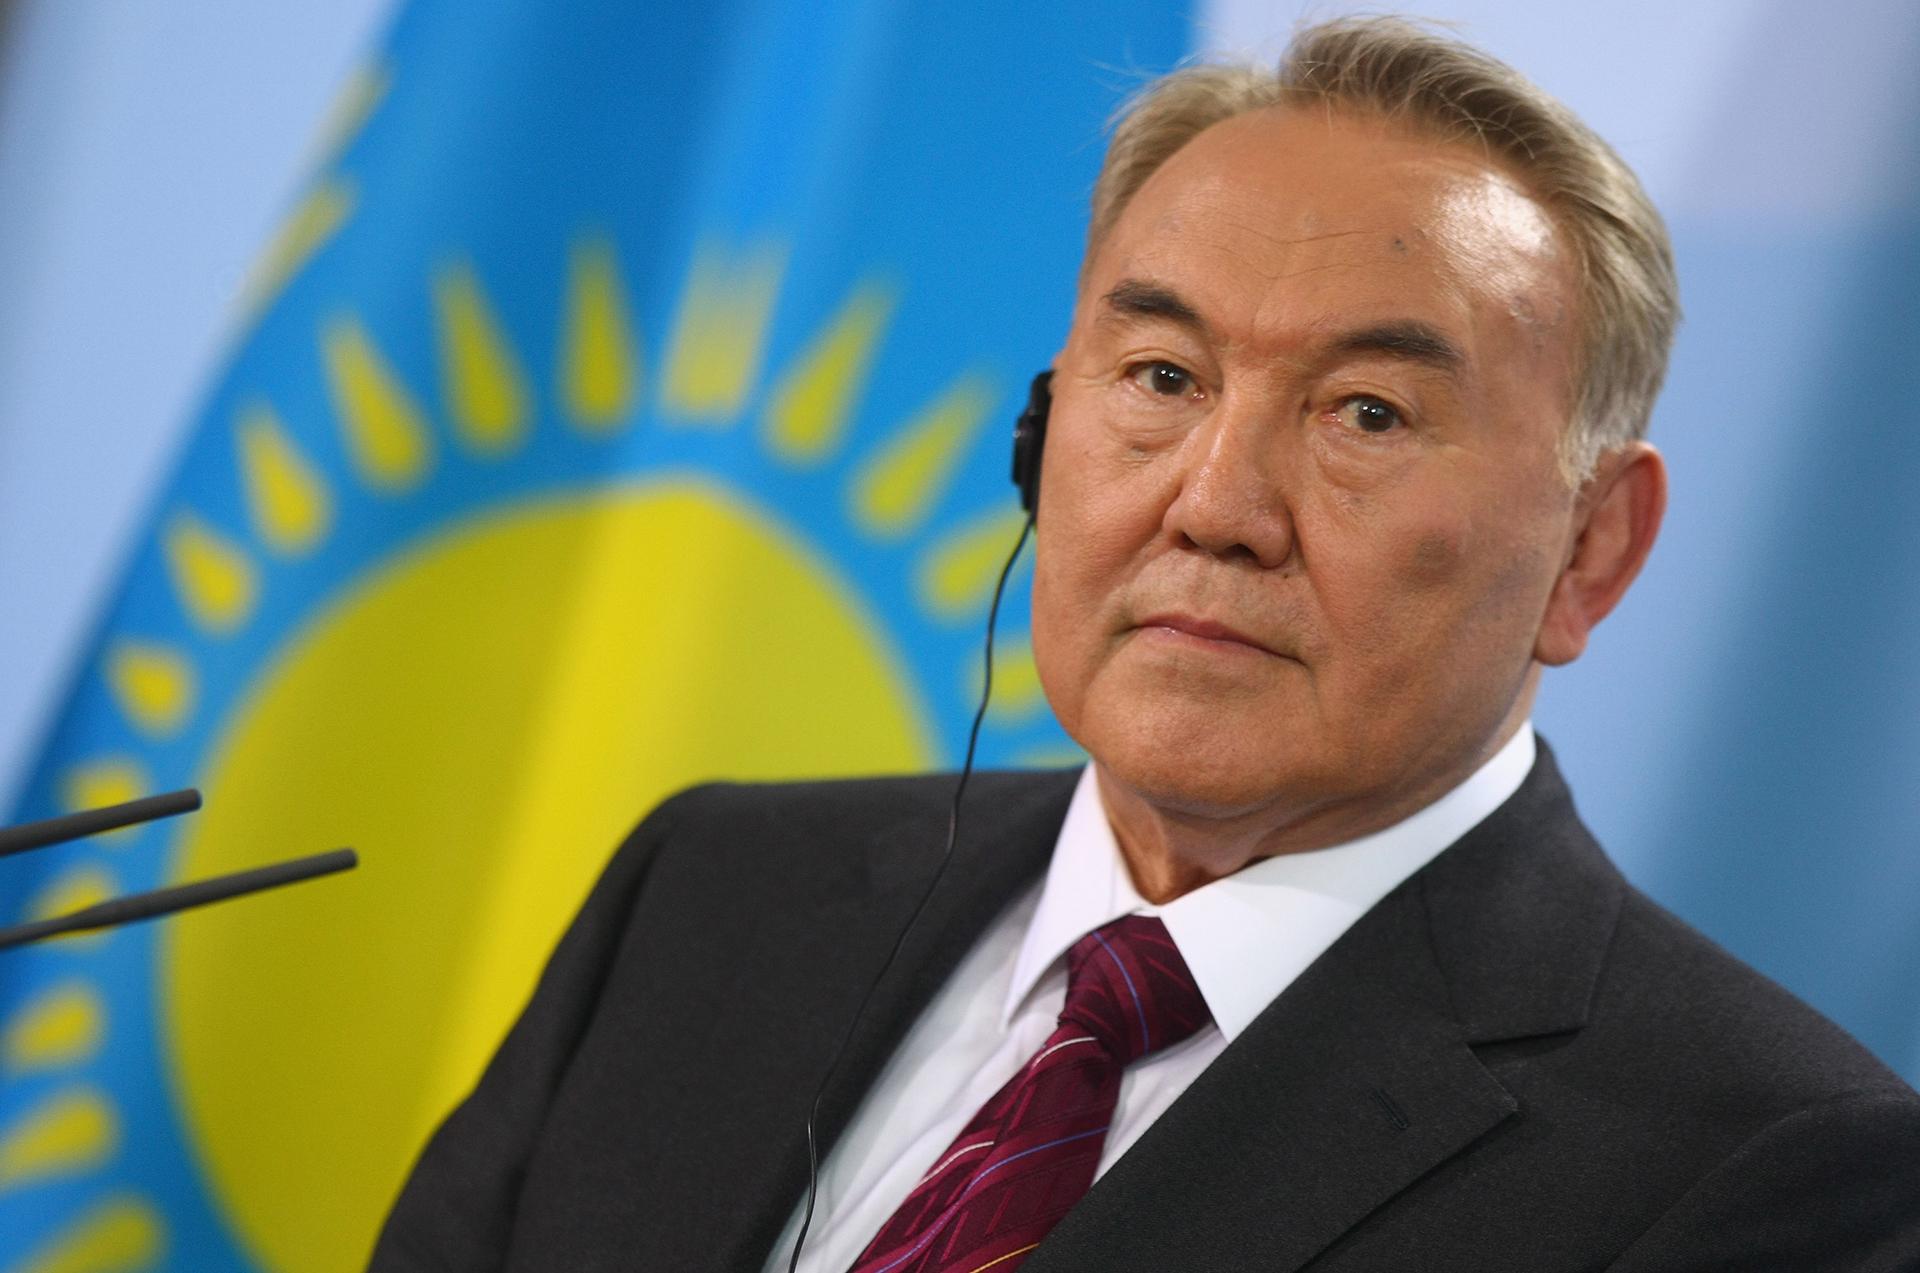 Nazarbayev, de 78 años, se convirtió en presidente del Kazajistán independiente en 1991. Pero ya era mandatario de la república soviética desde 1989